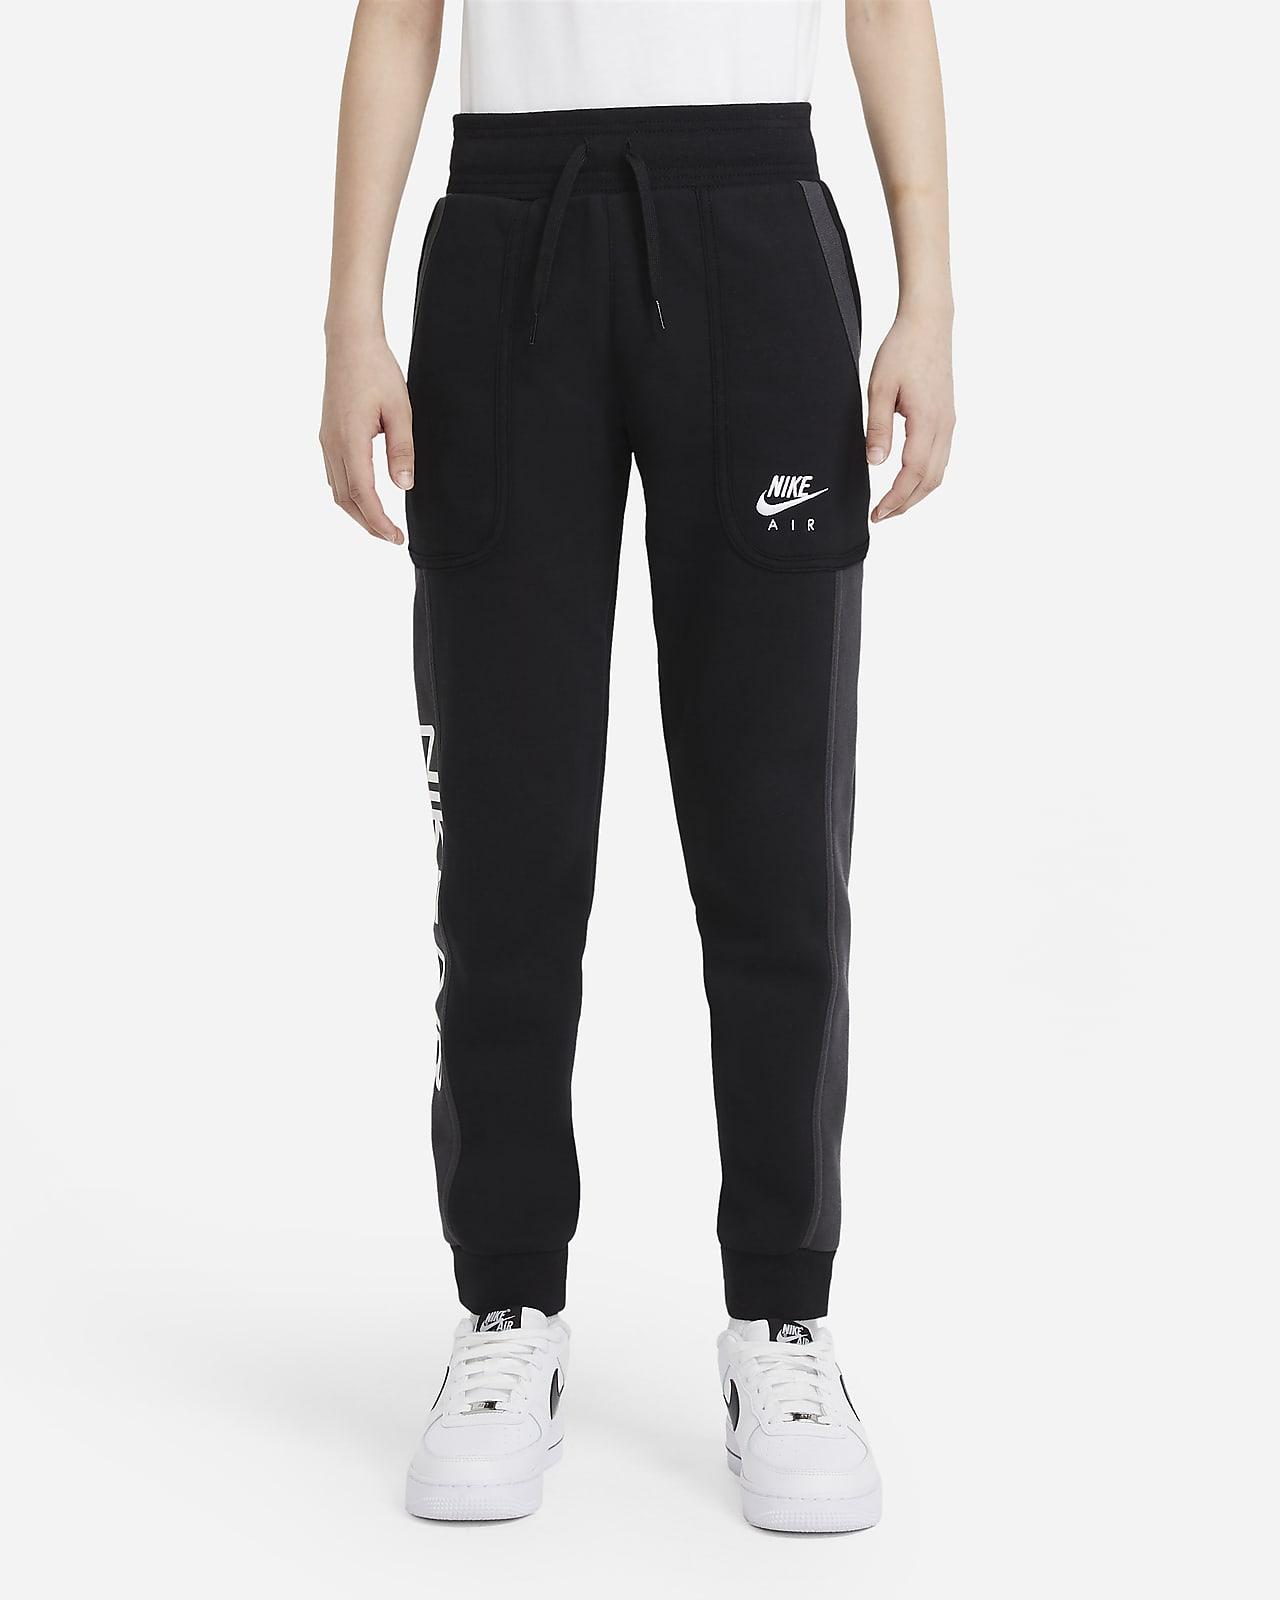 Nike Air 大童(男孩)长裤